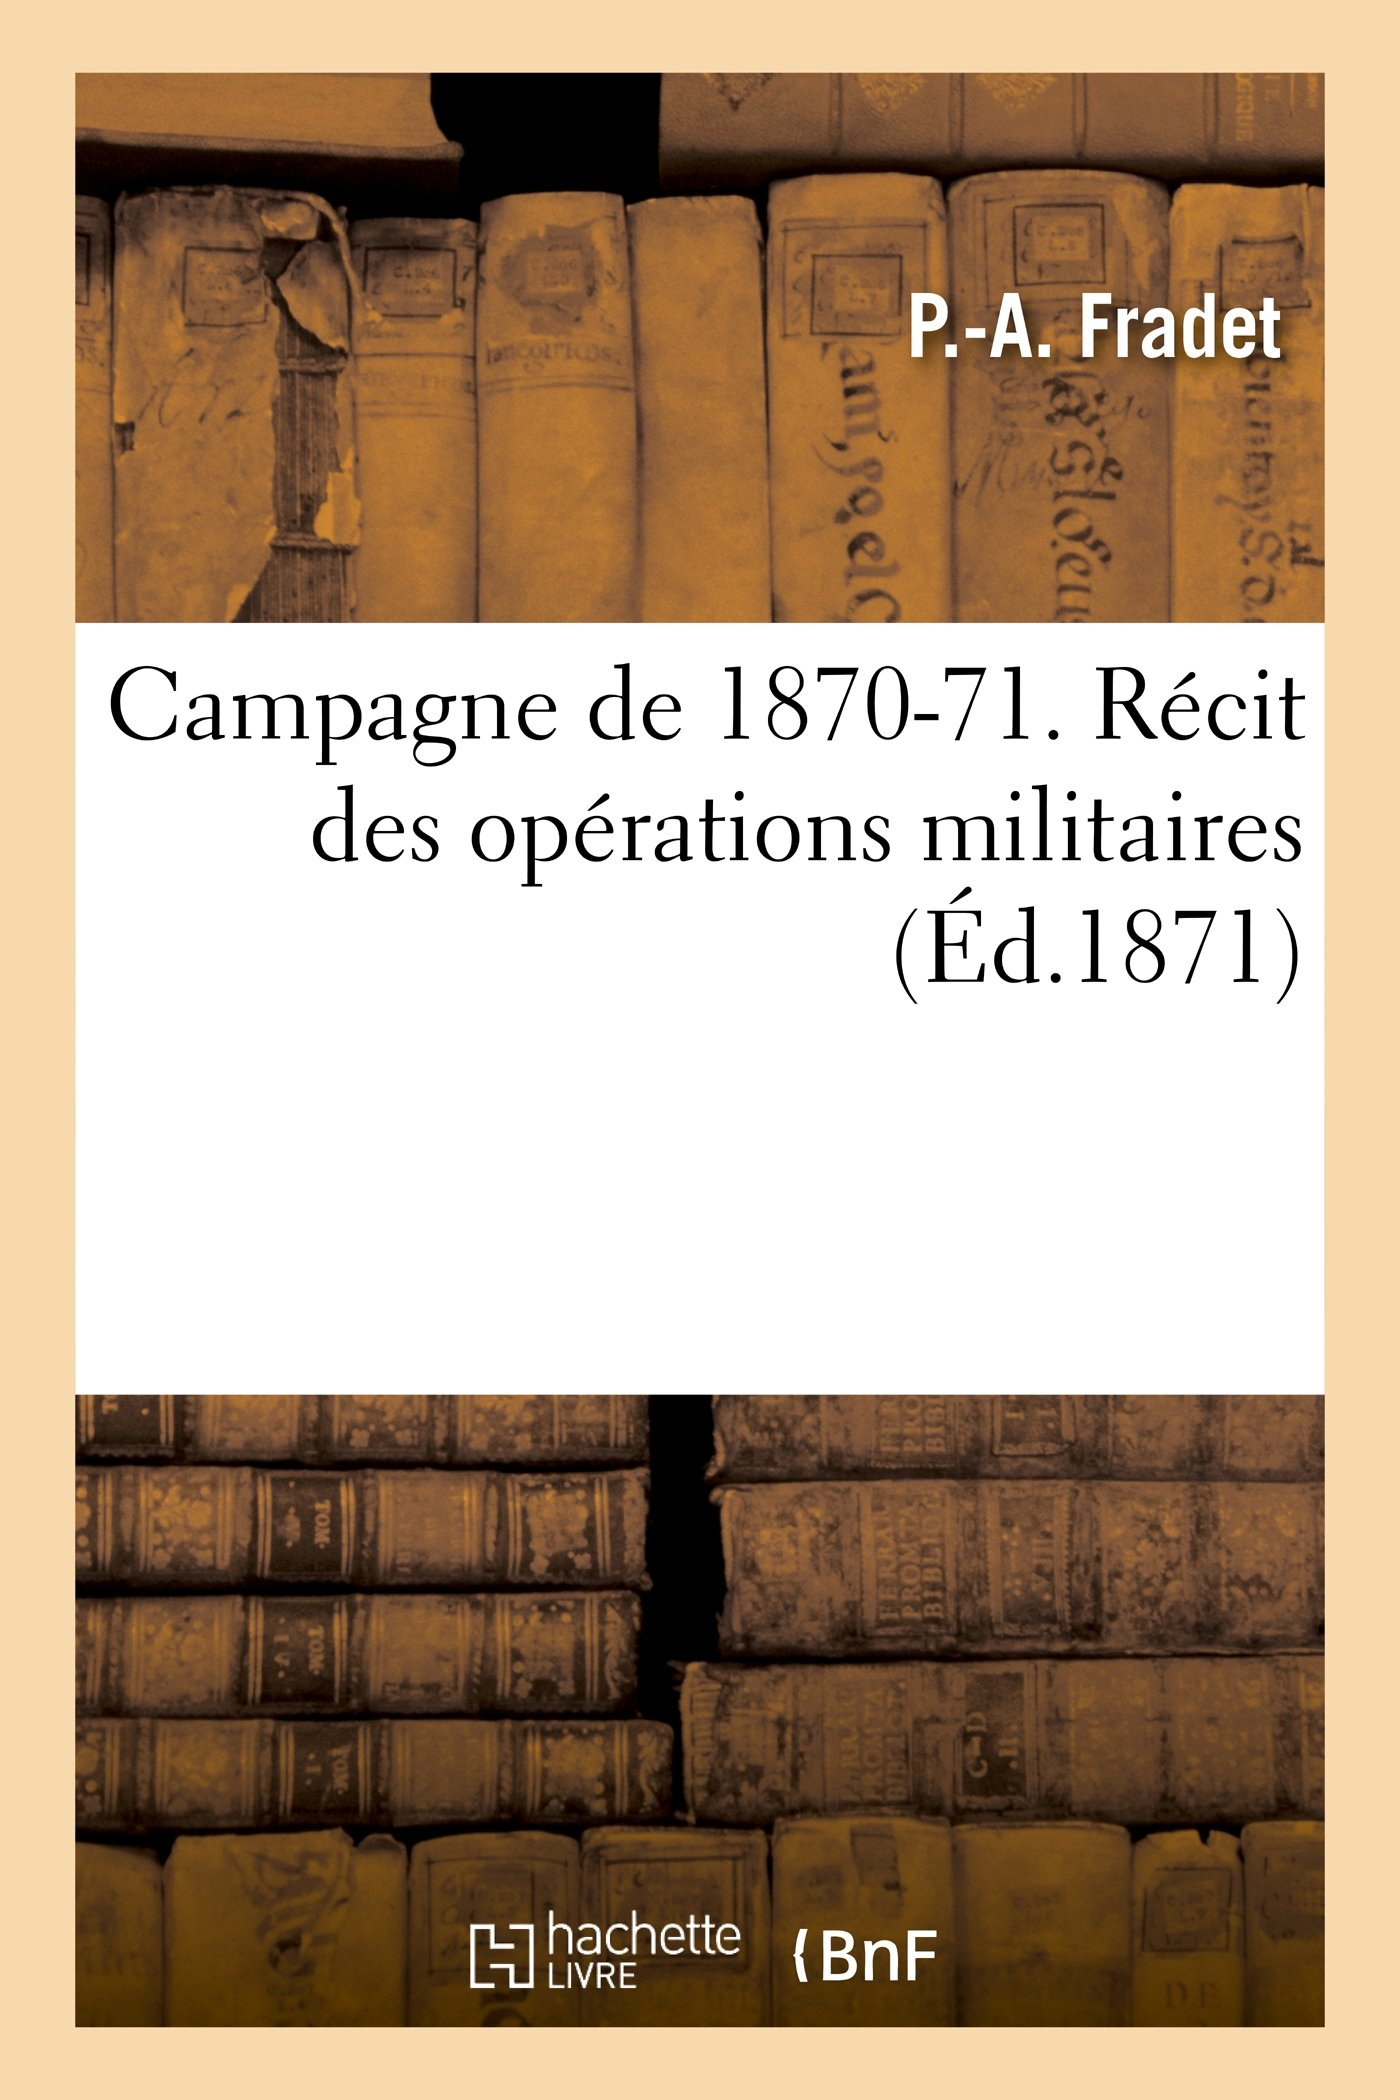 Download Campagne de 1870-71. Récit des opérations militaires auxquelles a pris part le régiment (Histoire) (French Edition) ebook